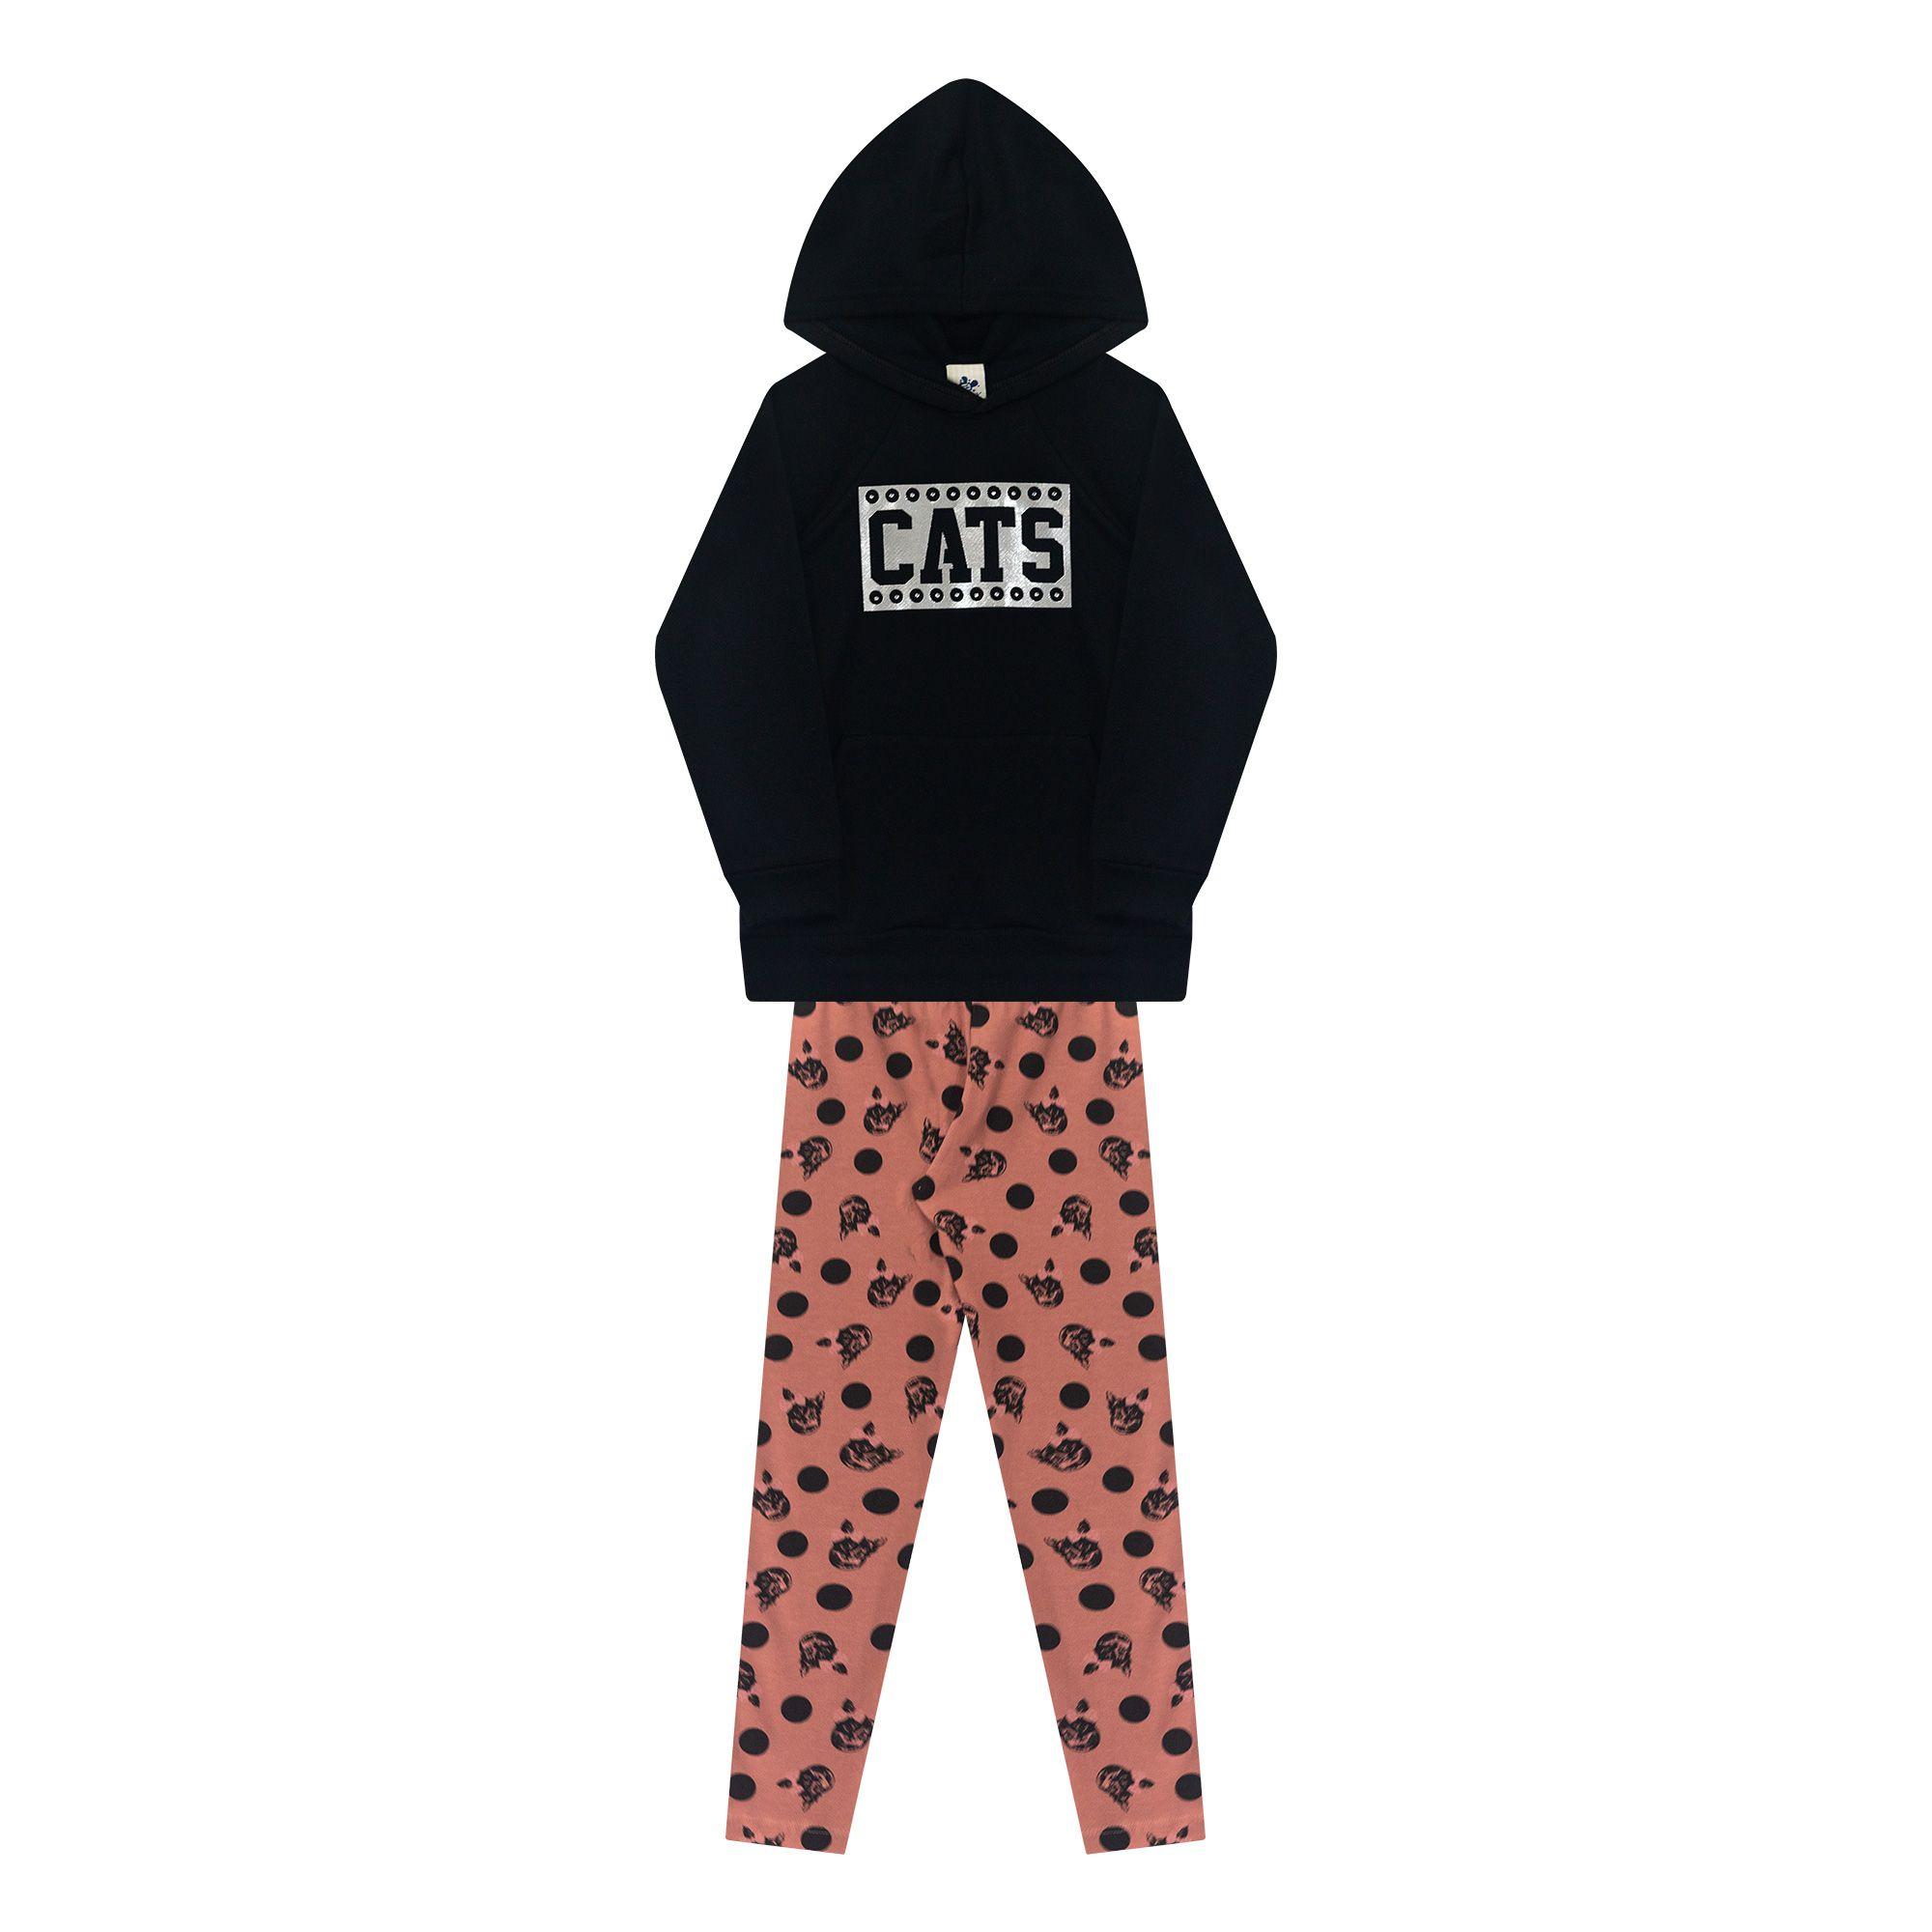 Conjunto Infantil Casaco e Legging - Ref 4989 - Preto/E31